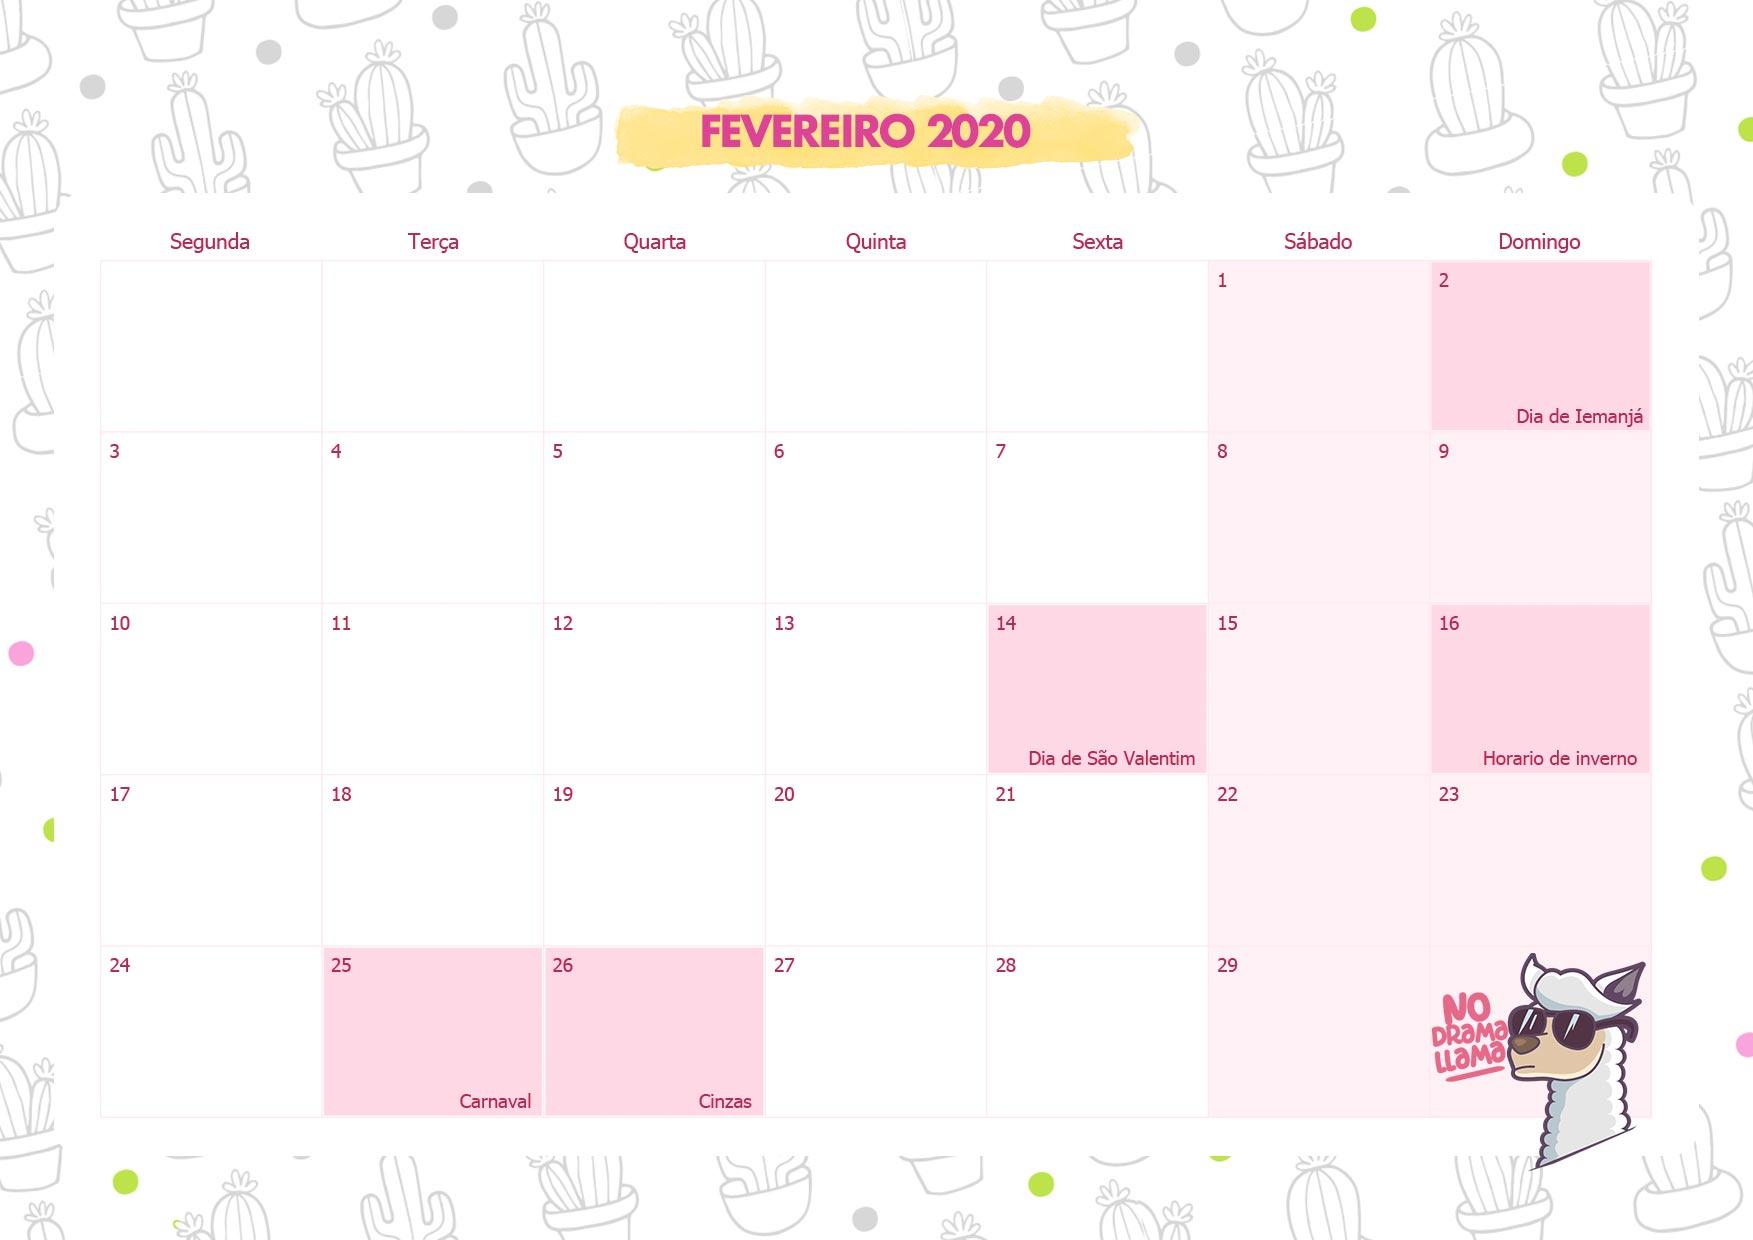 Calendario Mensal No Drama Lhama Fevereiro 2020